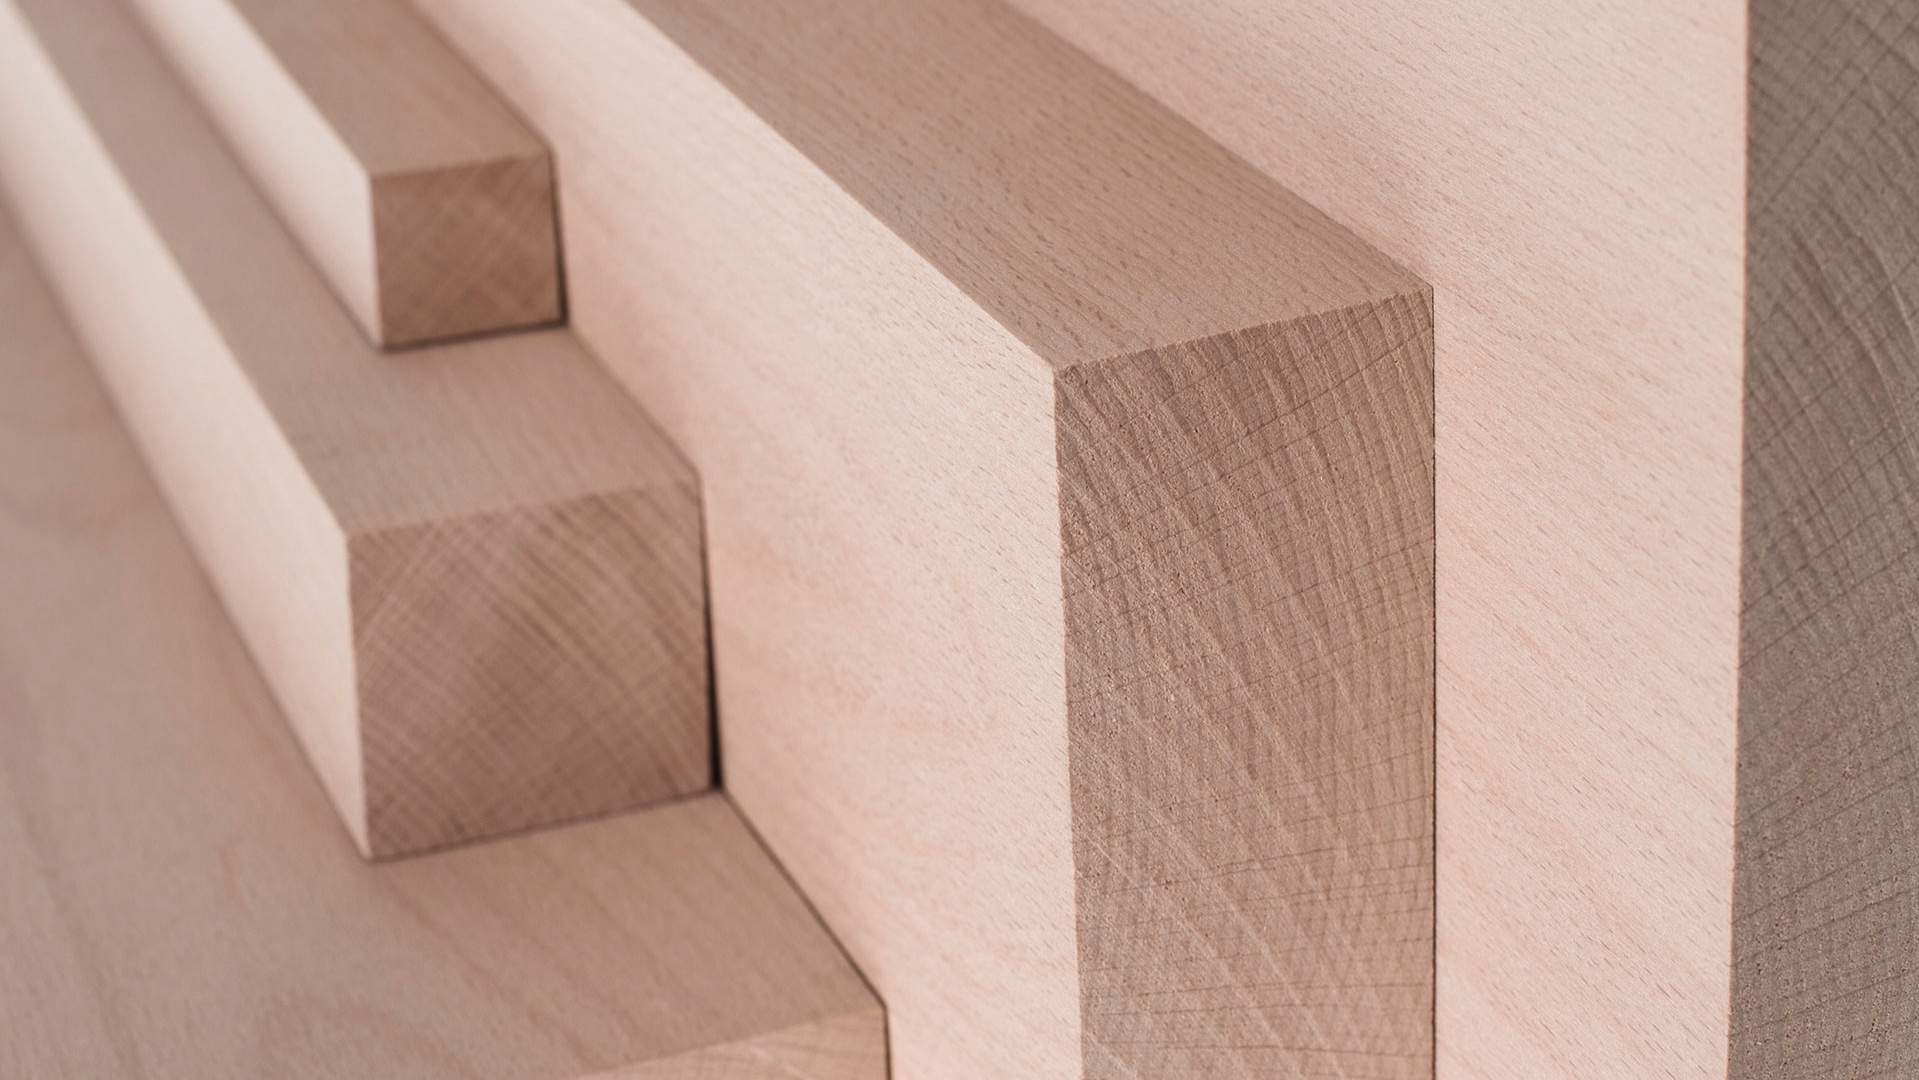 objets en bois minimalistes -